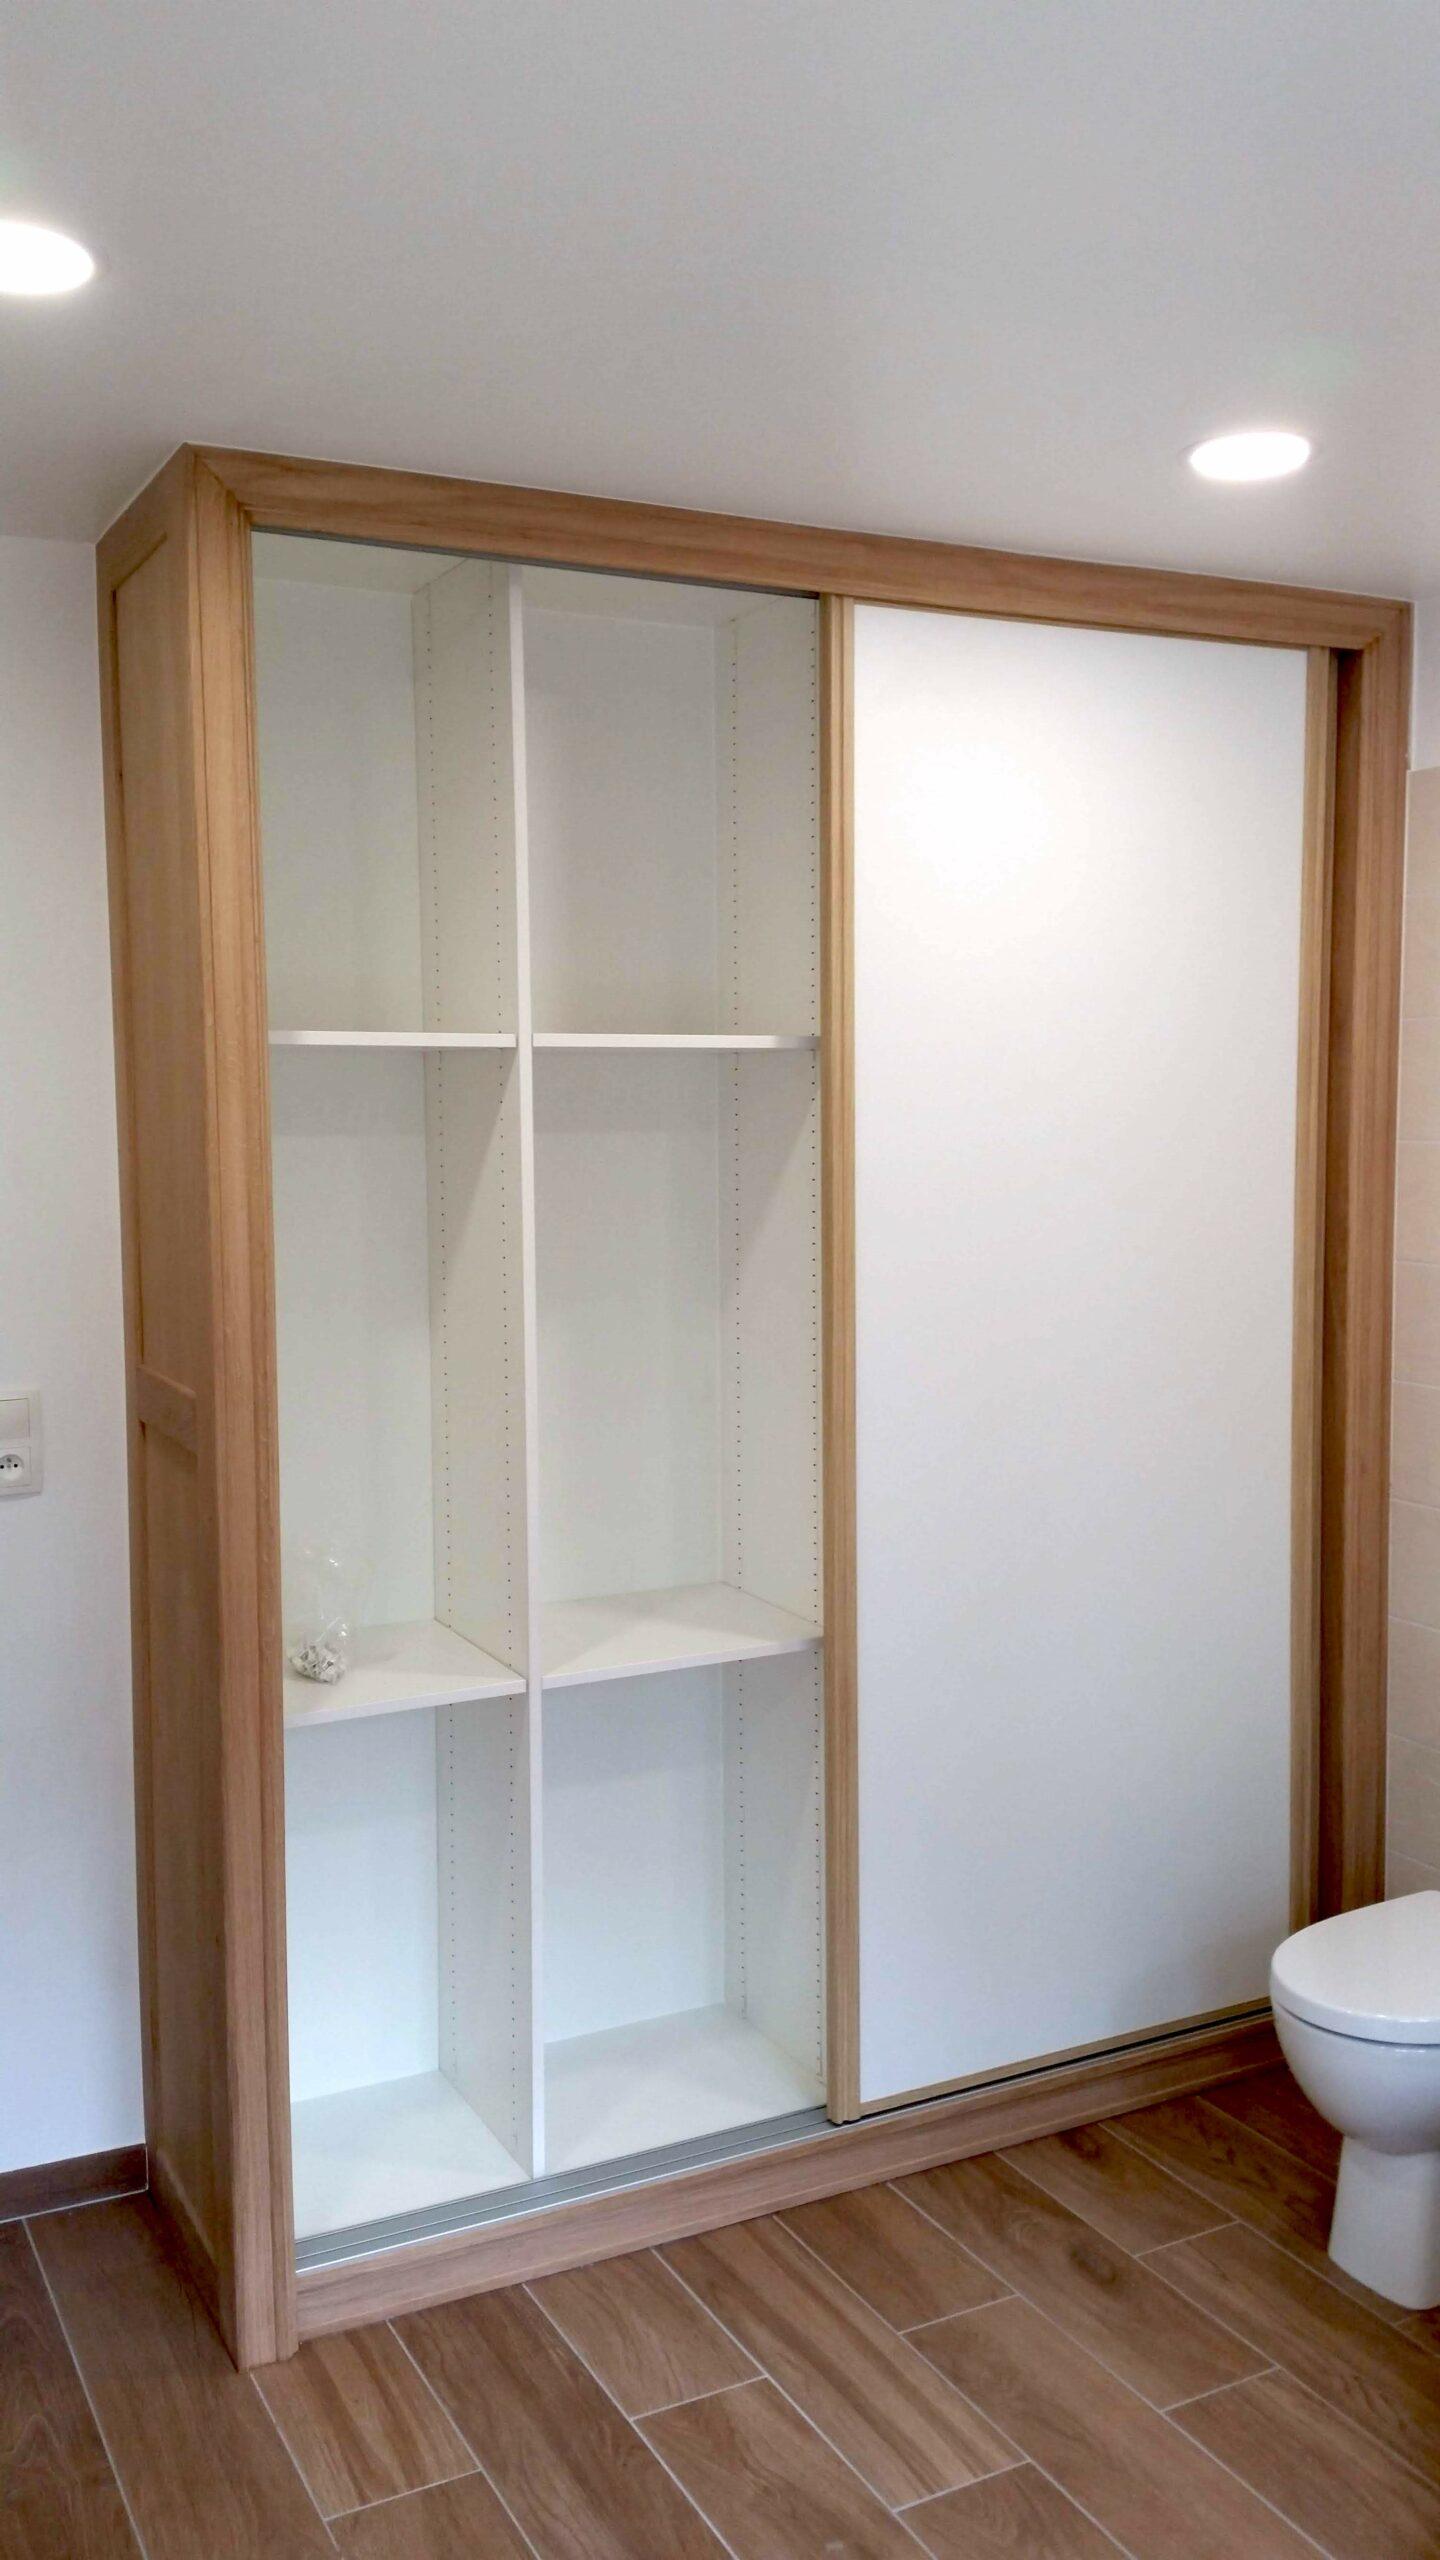 Fabrication et pose d'un placard dans une salle de bain image_2